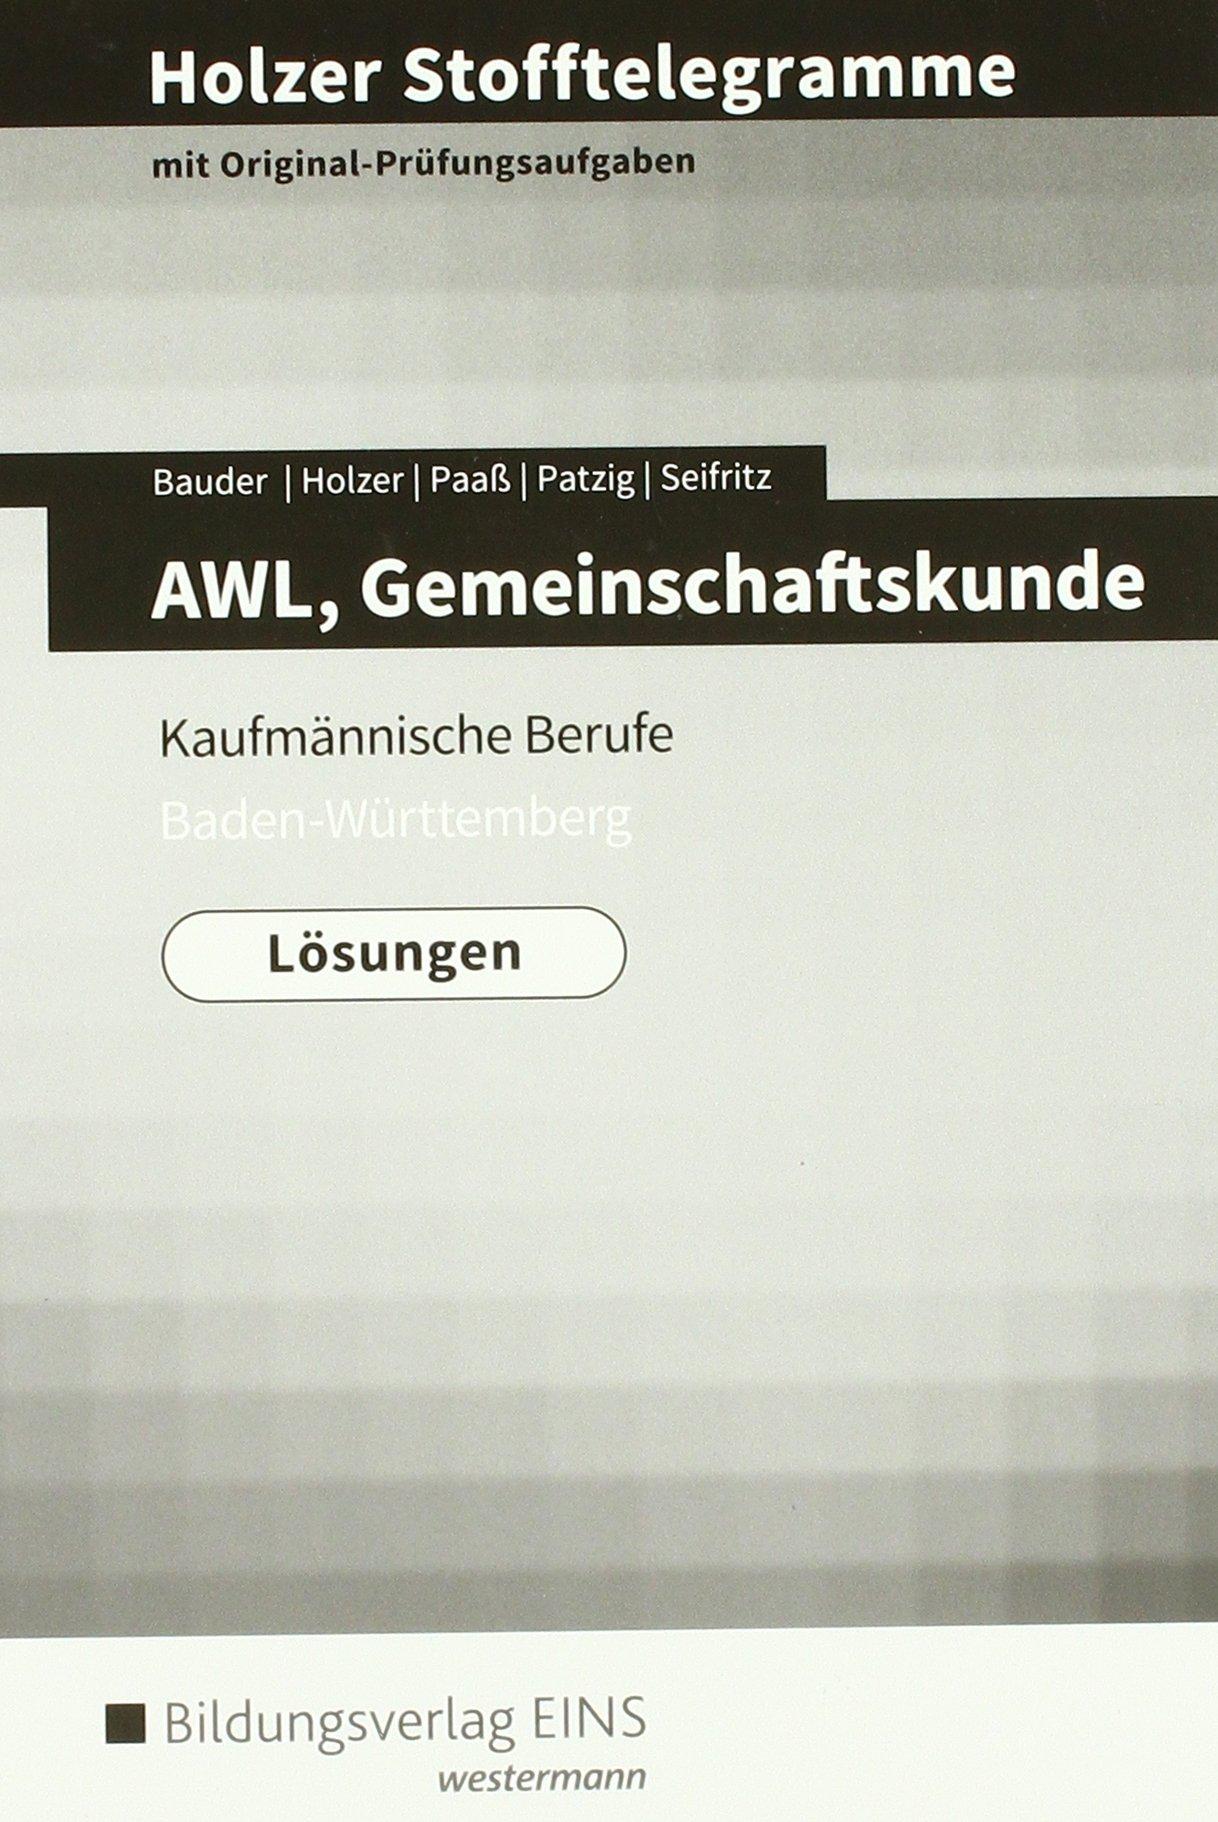 Holzer Stofftelegramme Baden-Württemberg – AWL, Gemeinschaftskunde: Kaufmännische Berufe: Lösungen Taschenbuch – 1. August 2017 Volker Holzer Markus Bauder Thomas Paaß Ulrich Patzig